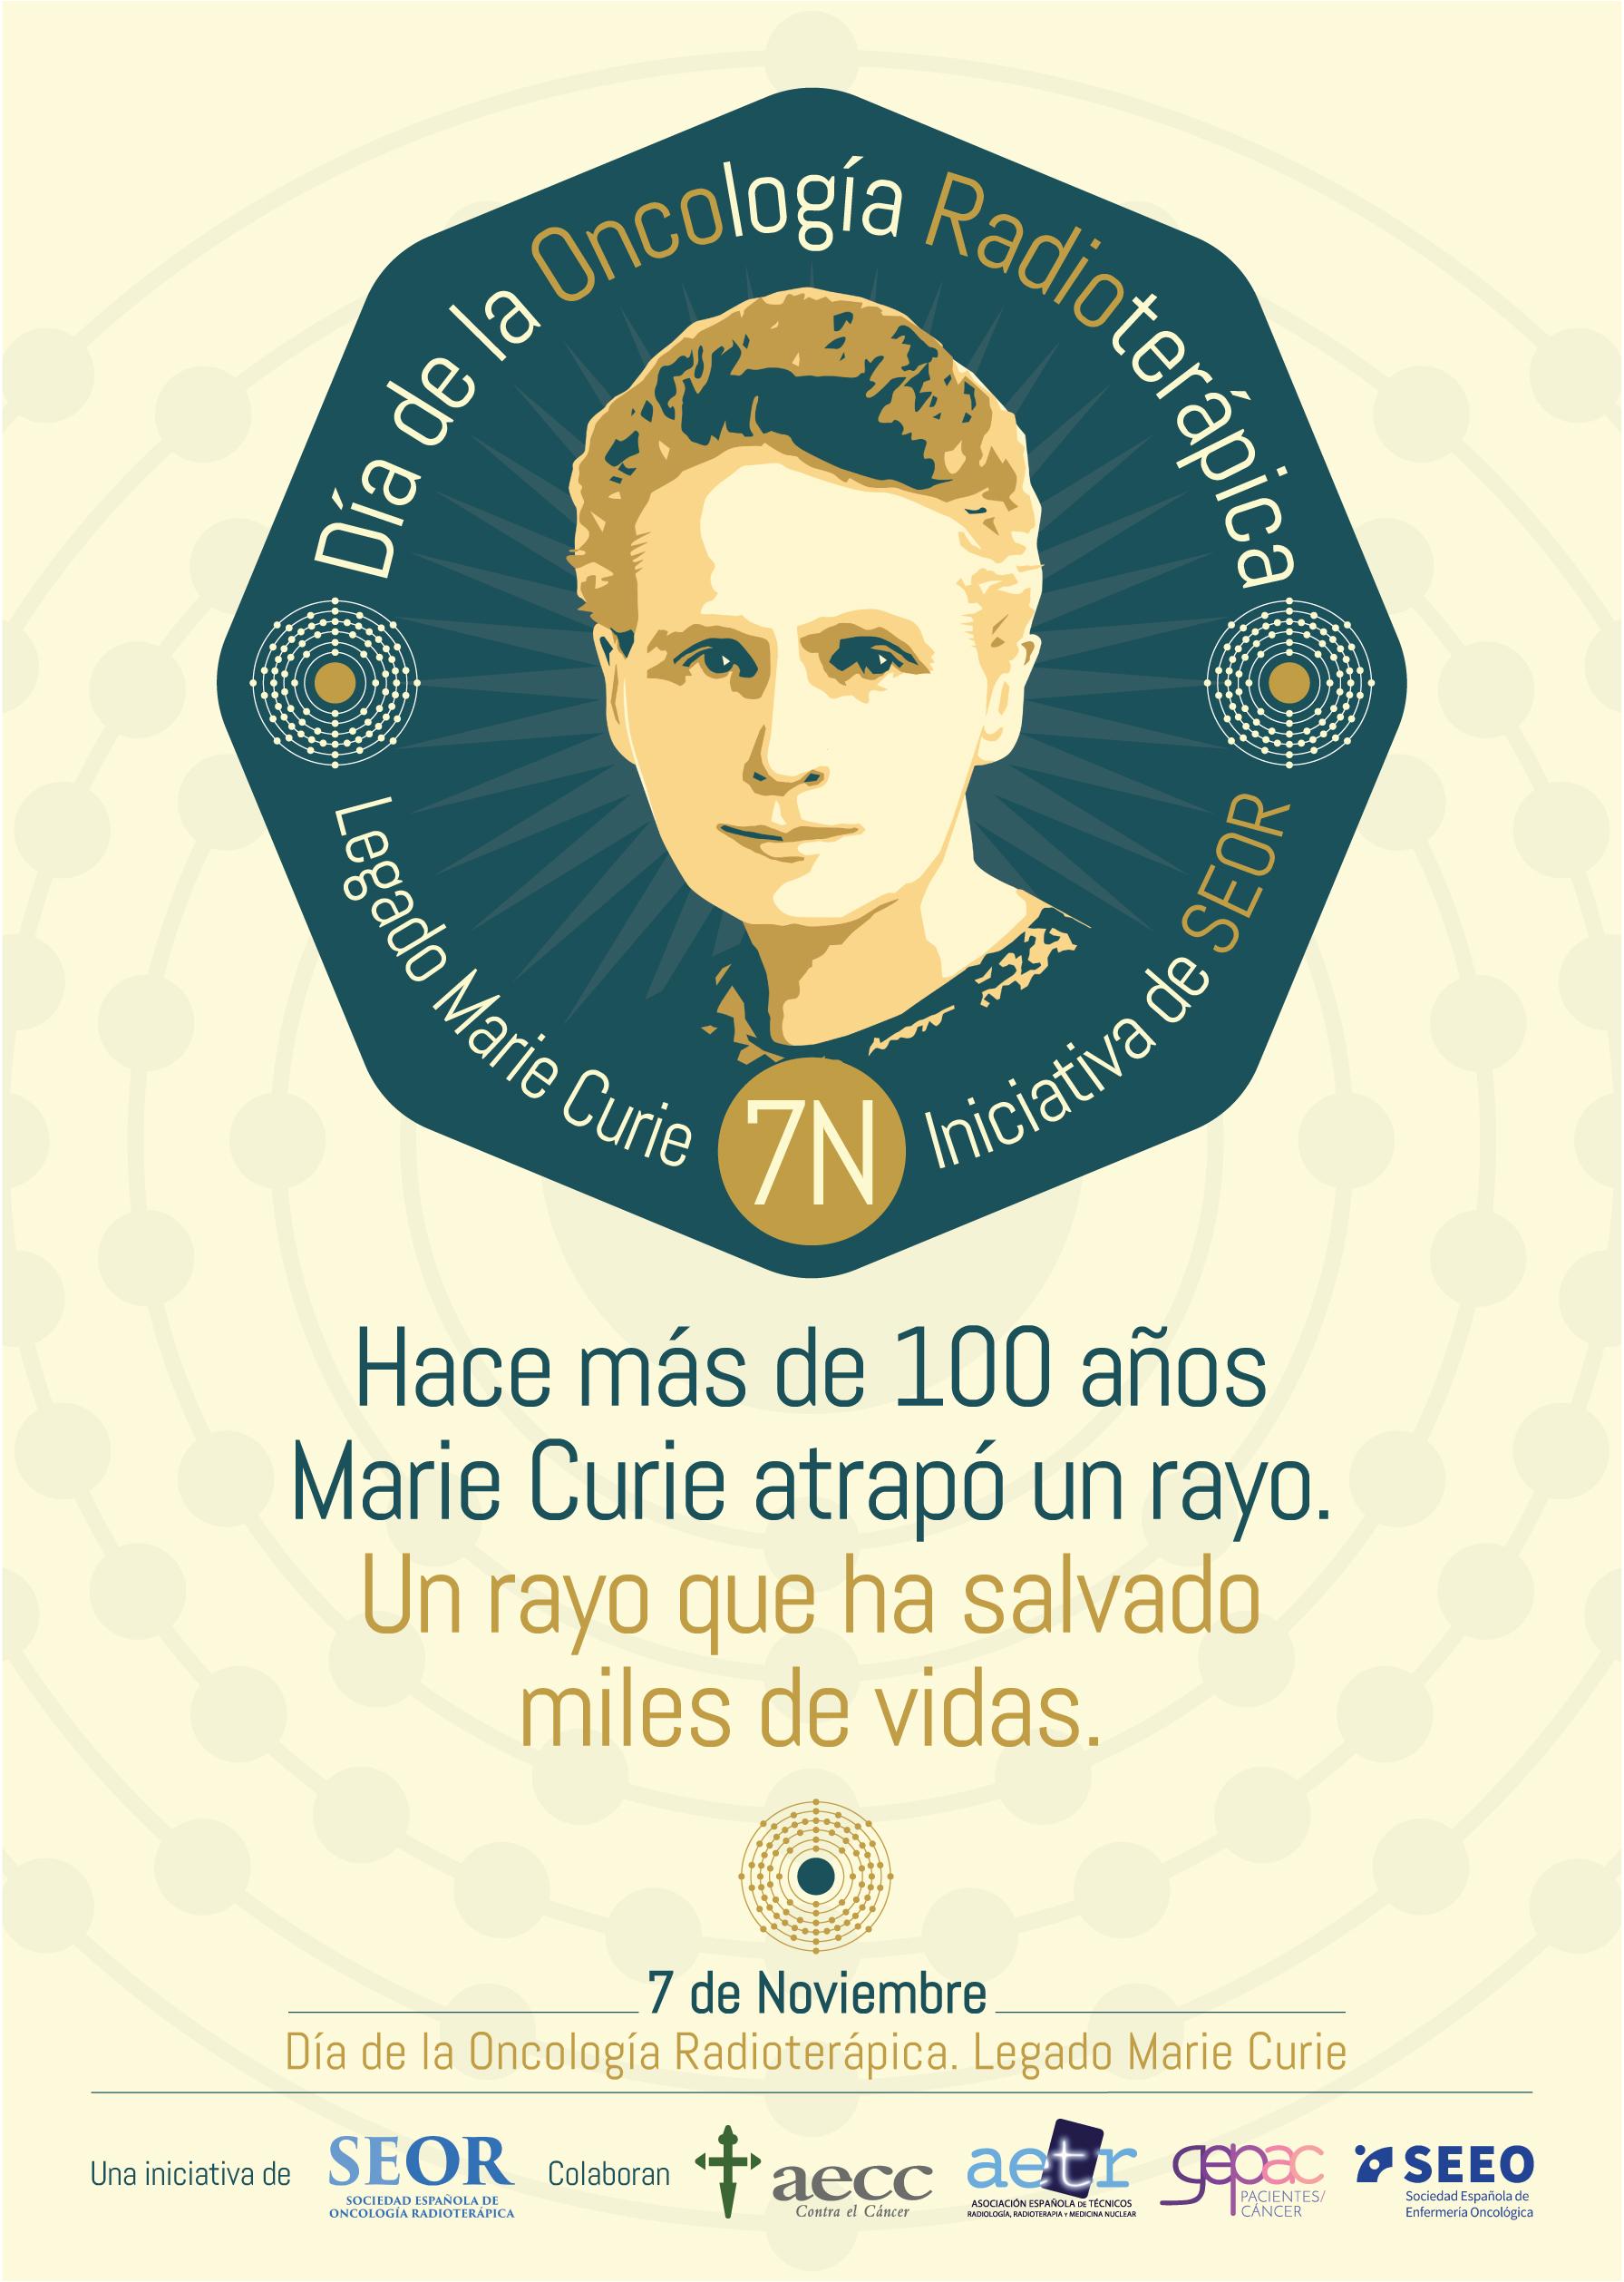 SEOR promueve el 7 de noviembre como Día de la Oncología Radioterápica en España. Legado Marie Curie.